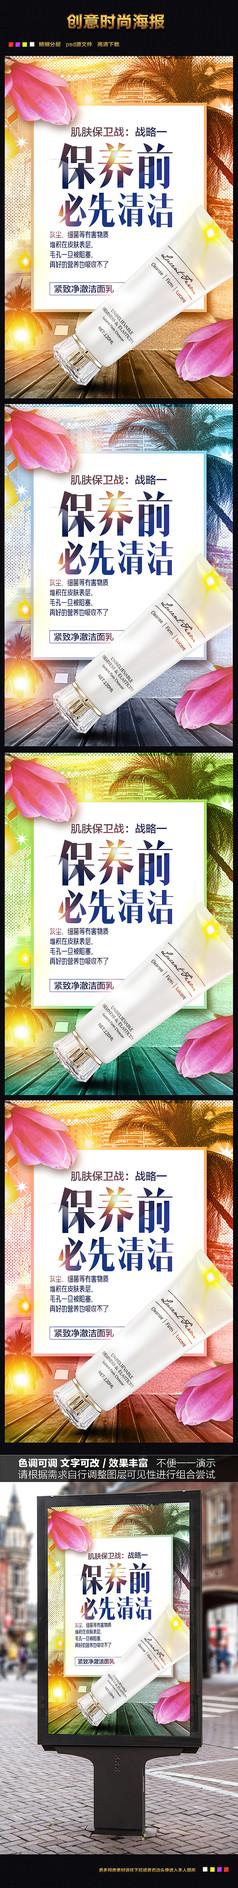 化妆品宣传广告海报设计